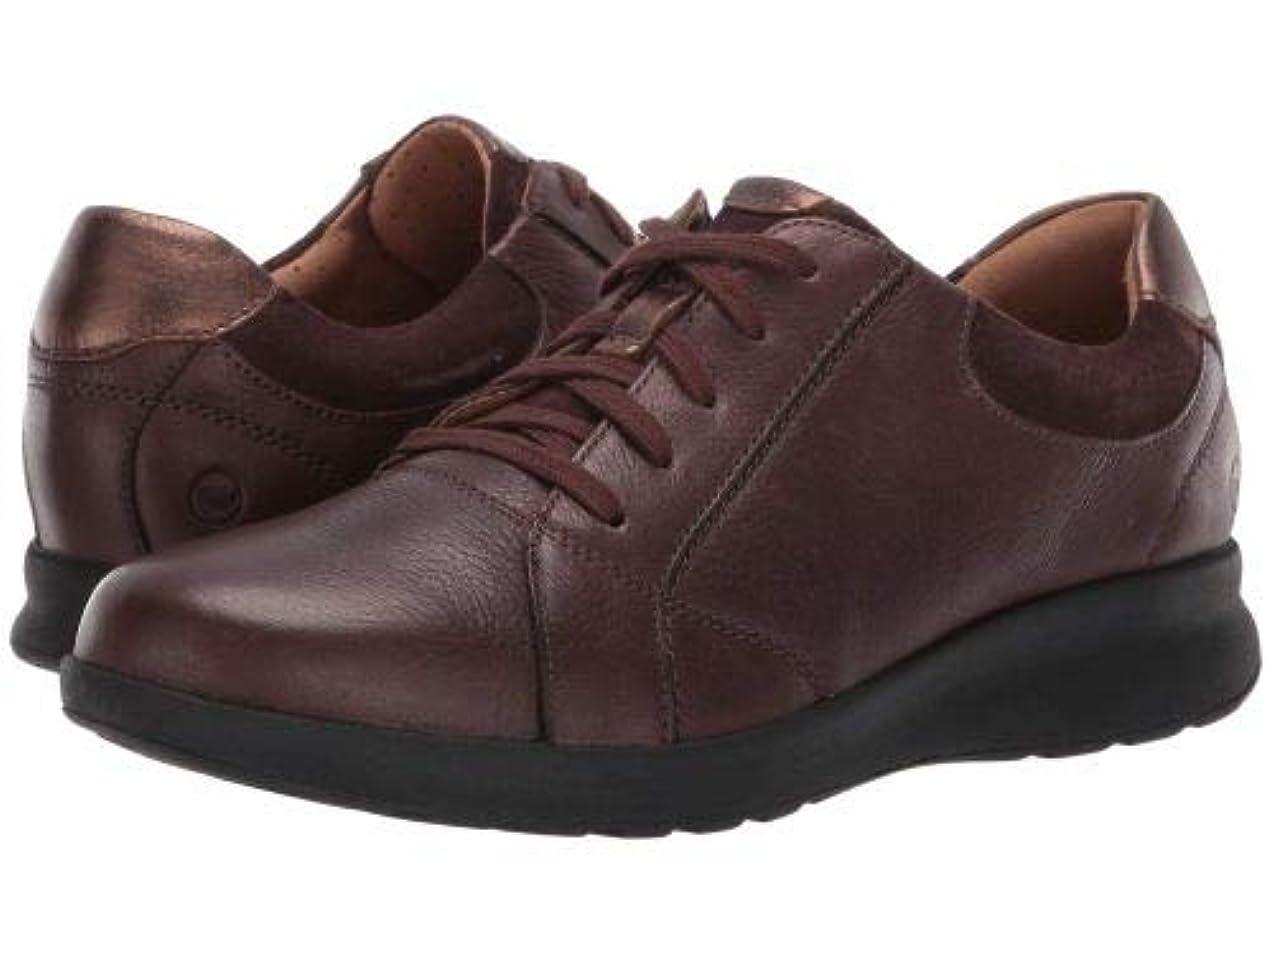 学校教育天皇製品Clarks(クラークス) レディース 女性用 シューズ 靴 スニーカー 運動靴 Un Adorn Lace - Dark Brown Leather/Suede Combination [並行輸入品]